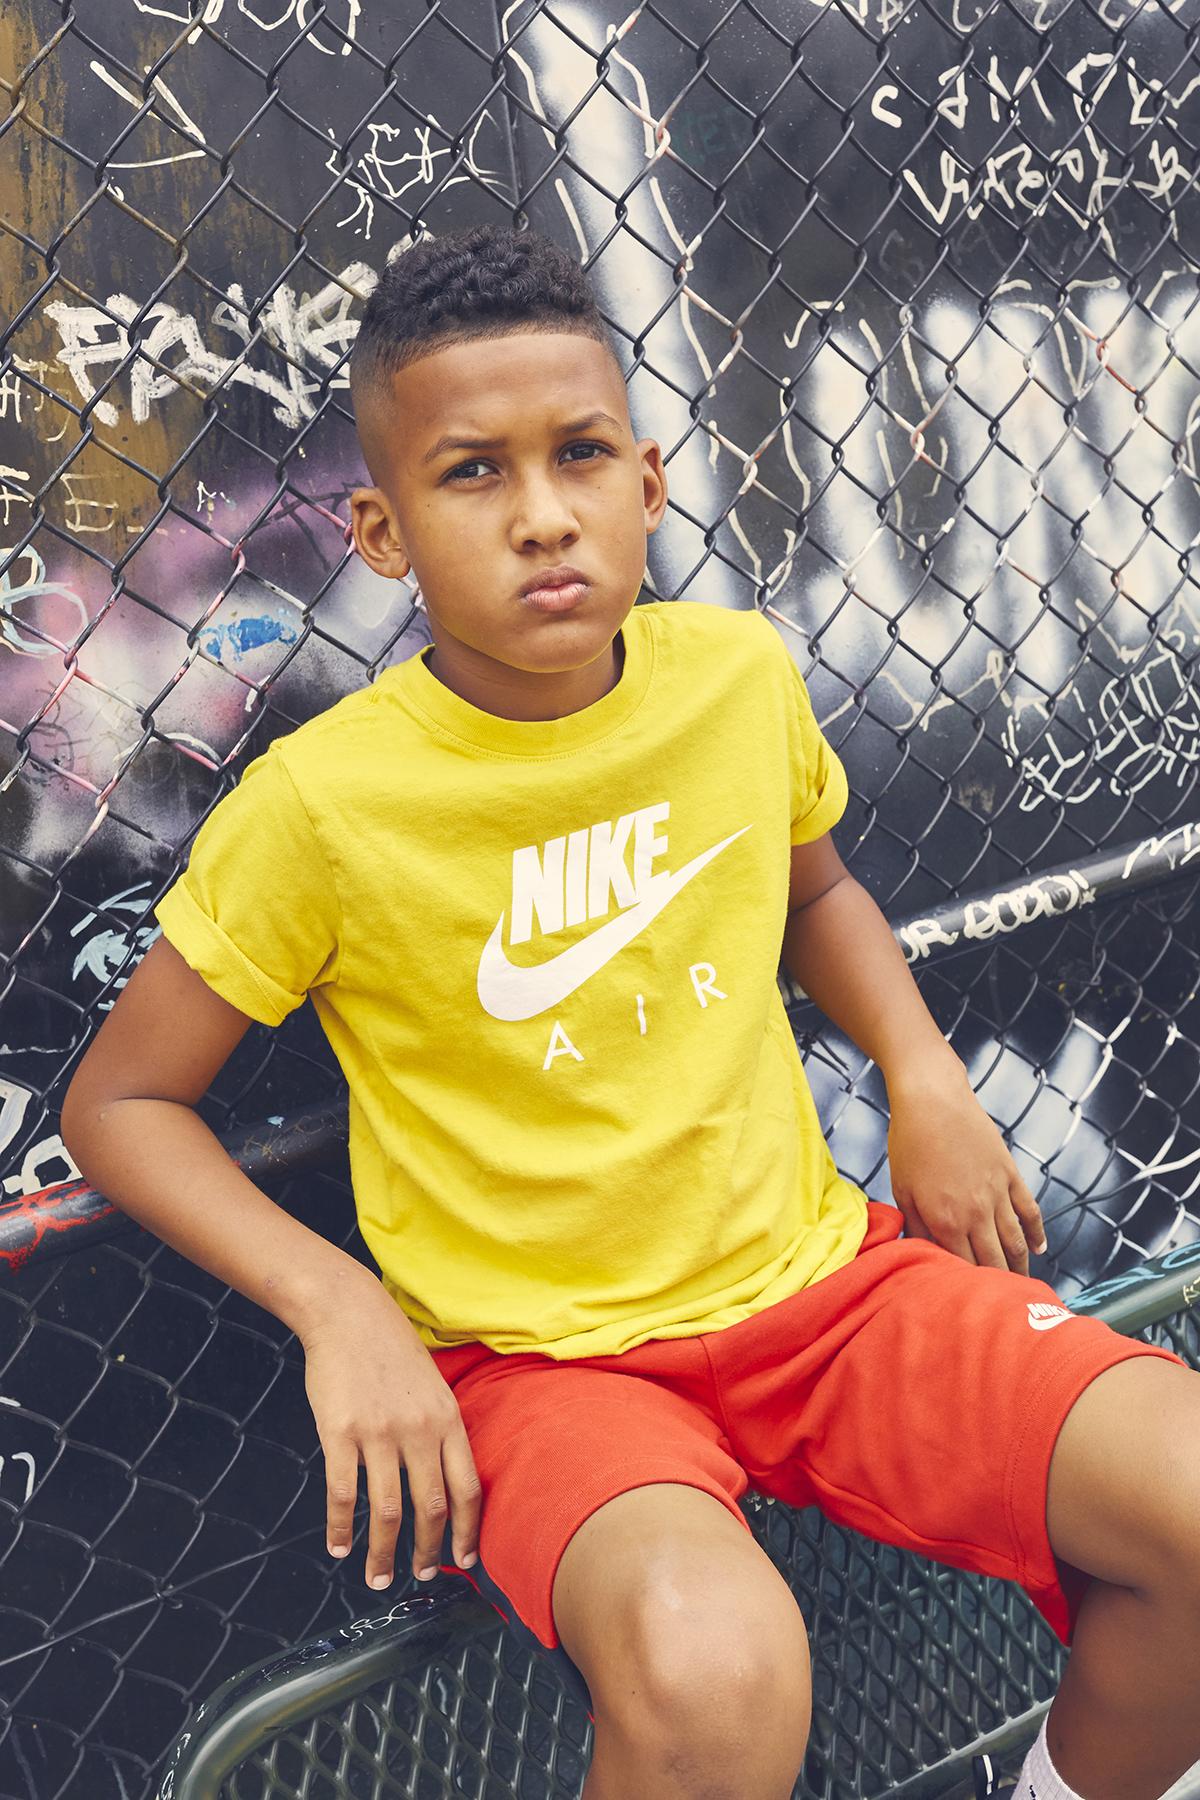 NikeKIDS_555_edited_size.jpg